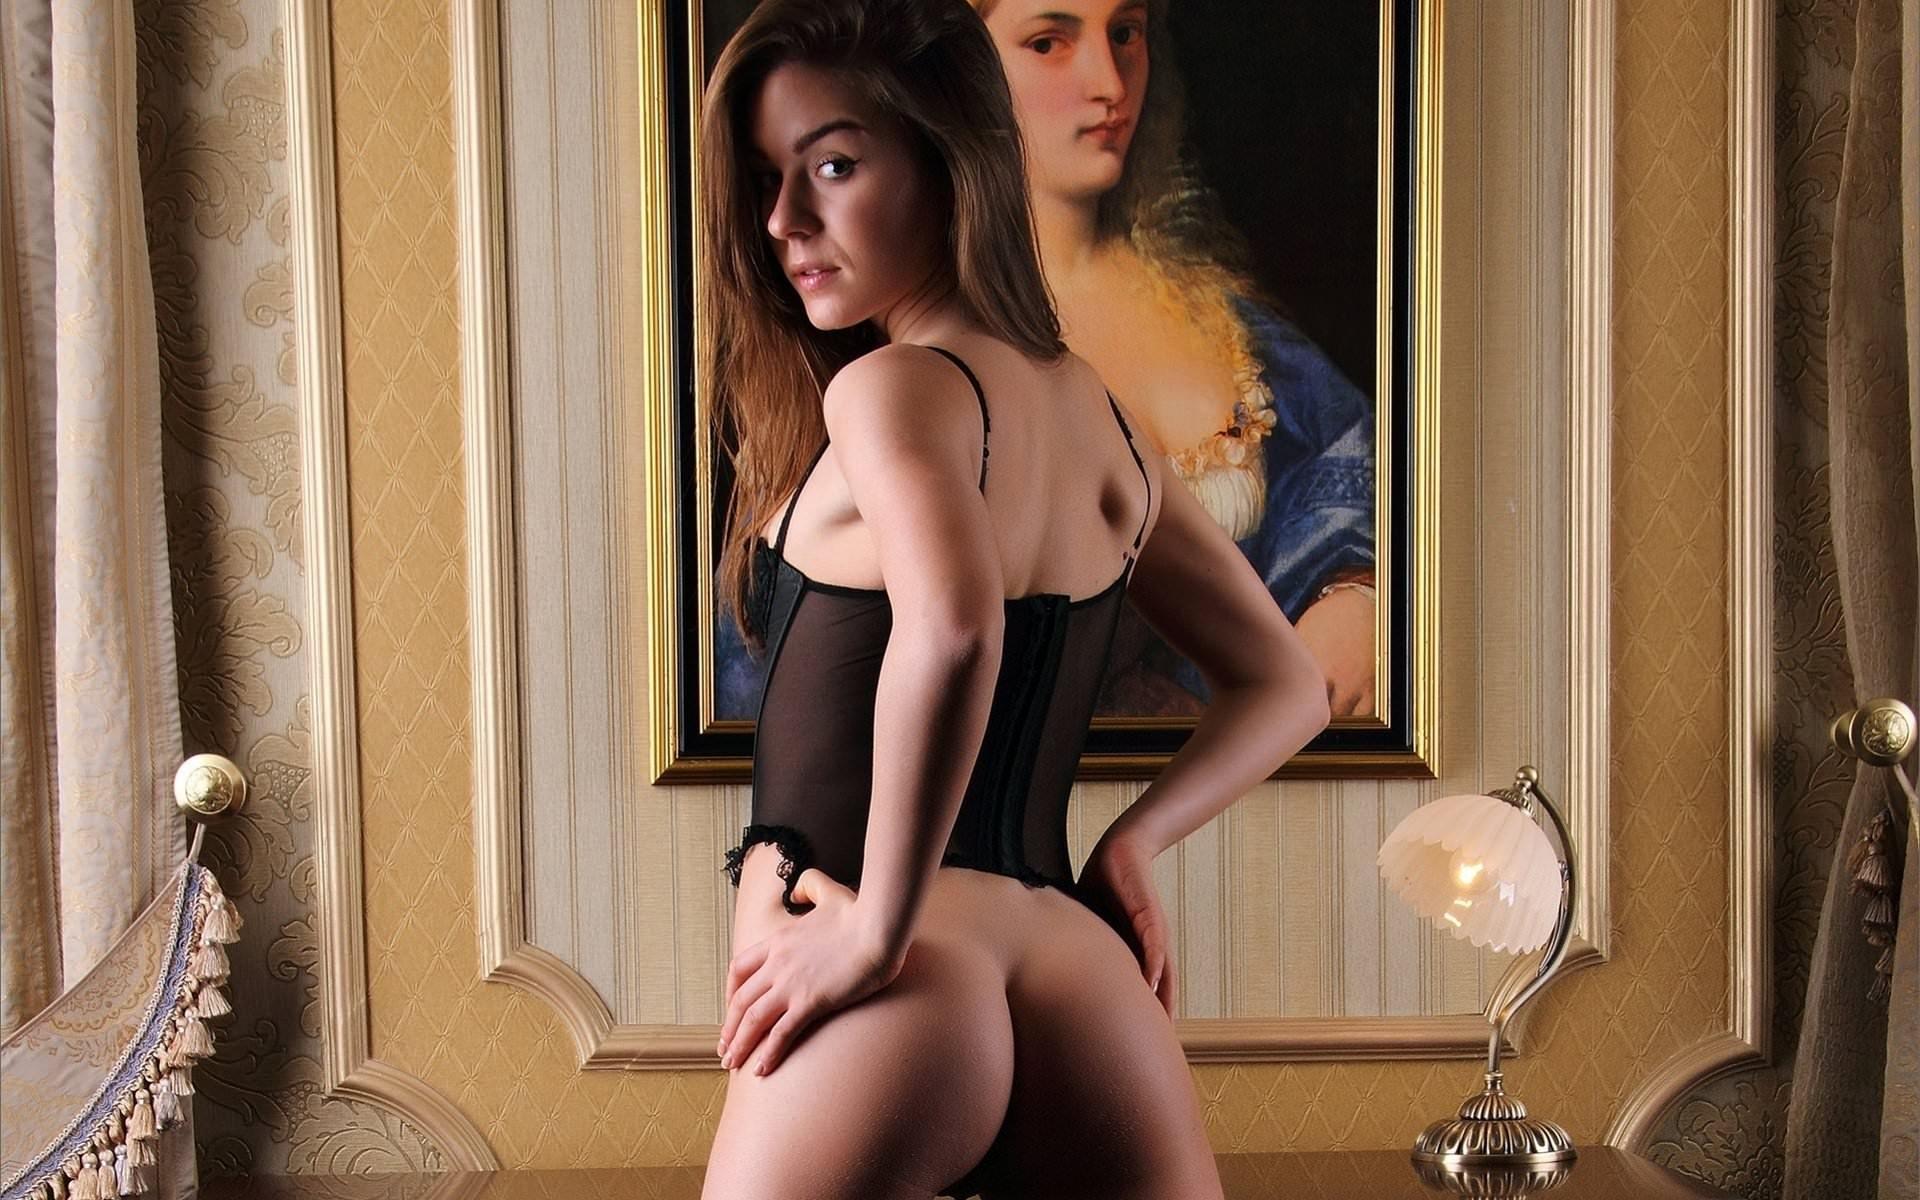 Фото Красивая милая девушка в черном прозрачном корсете, голая упругая попка, Сексуальная красотка с голой попкой в комнате напротив картины на стене. Sexy babe in a black corset, beautiful girl, sweet naked ass, picture, sexual beauty, sexy back, скачать картинку бесплатно